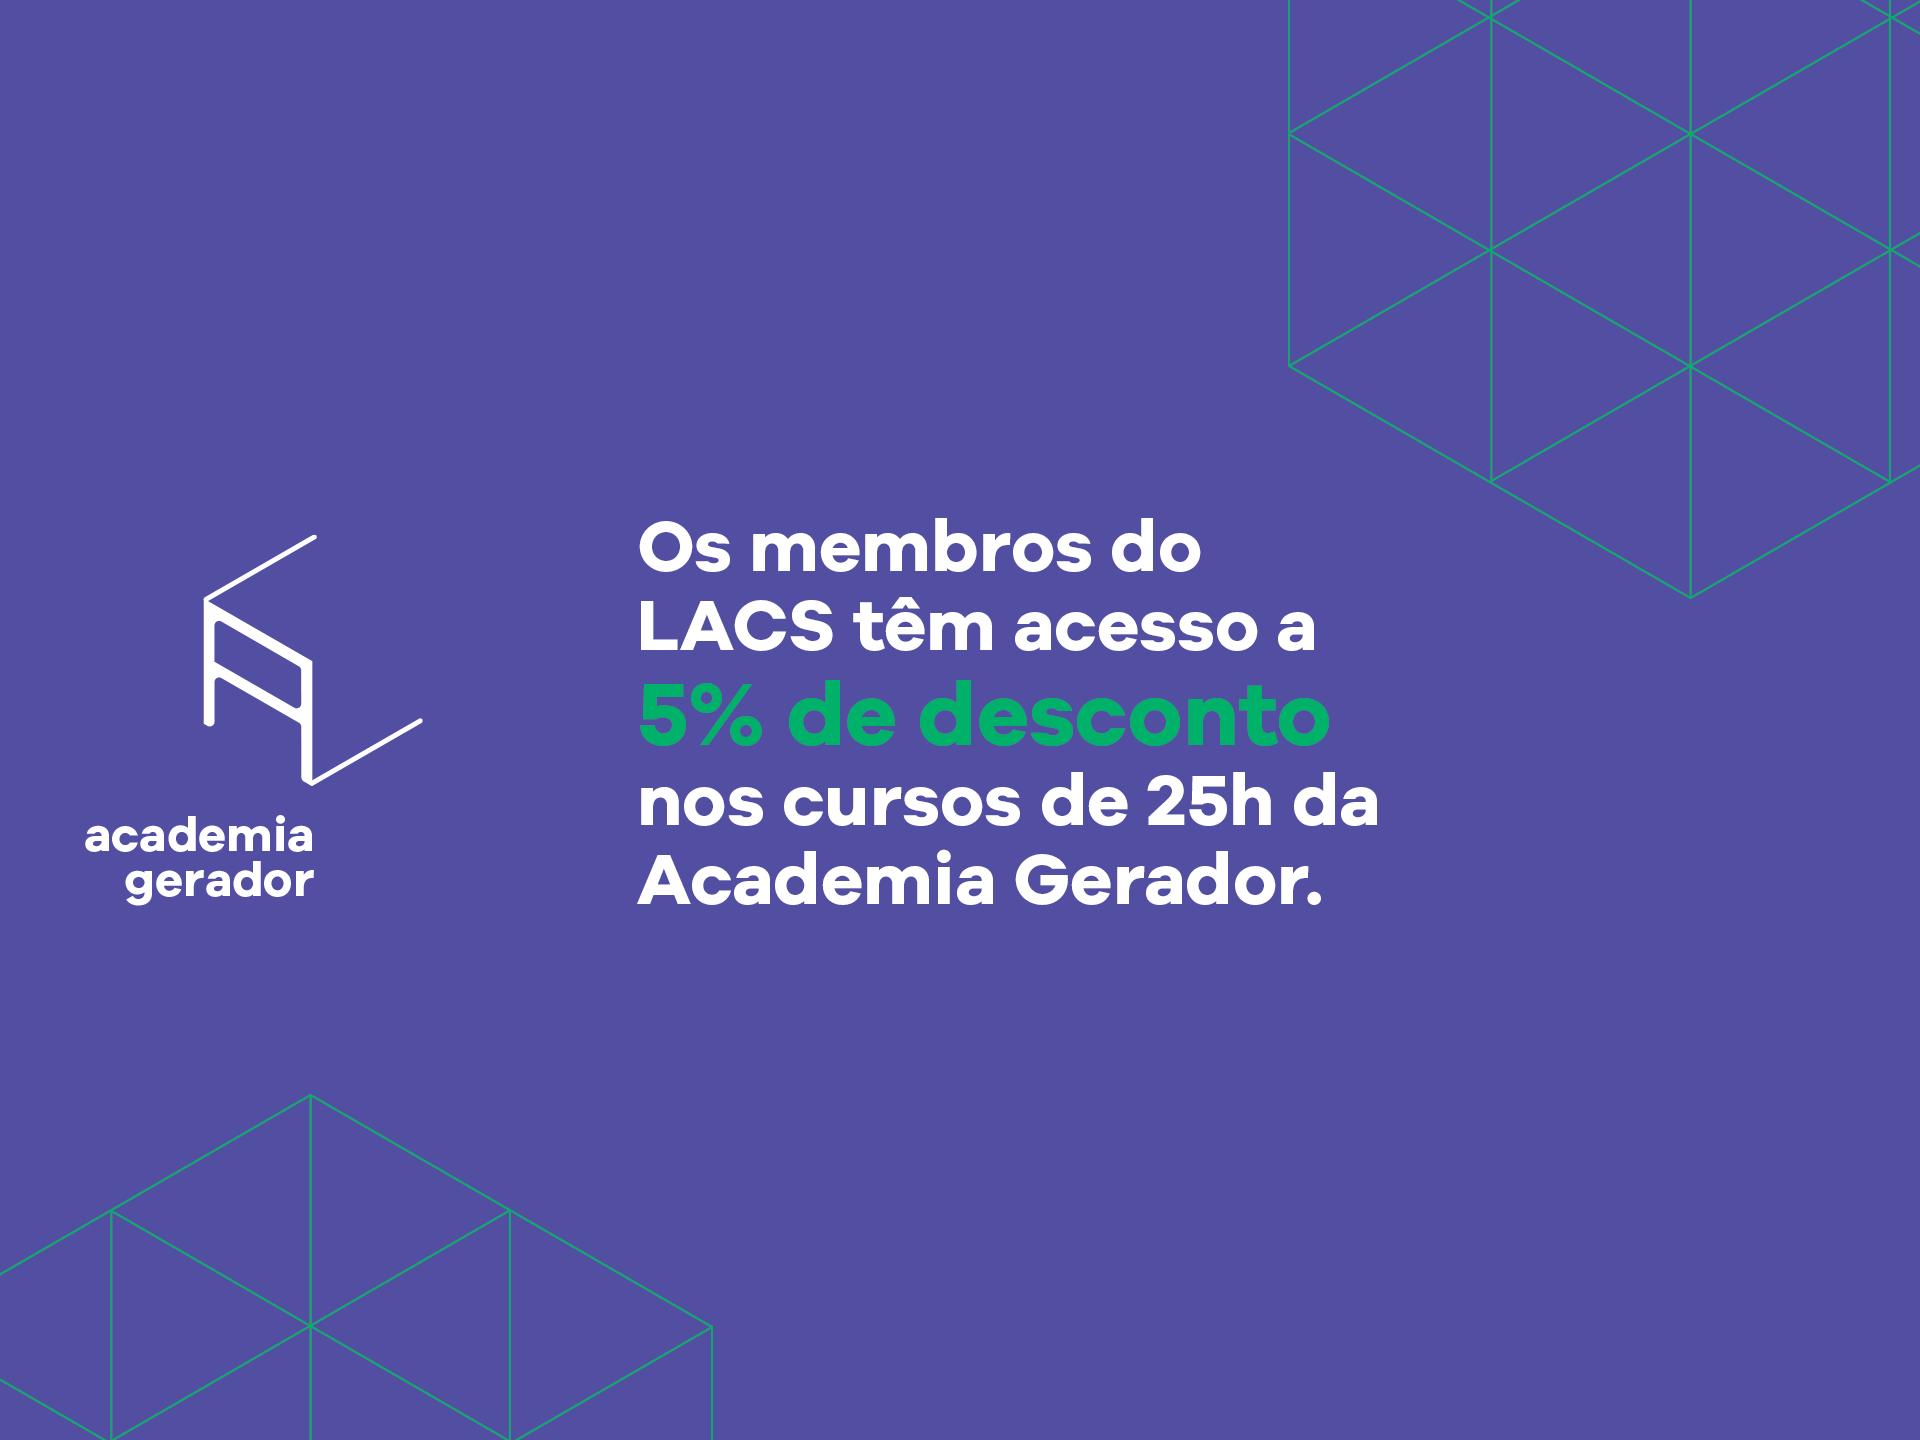 membros_lacs_desconto_academia_gerador